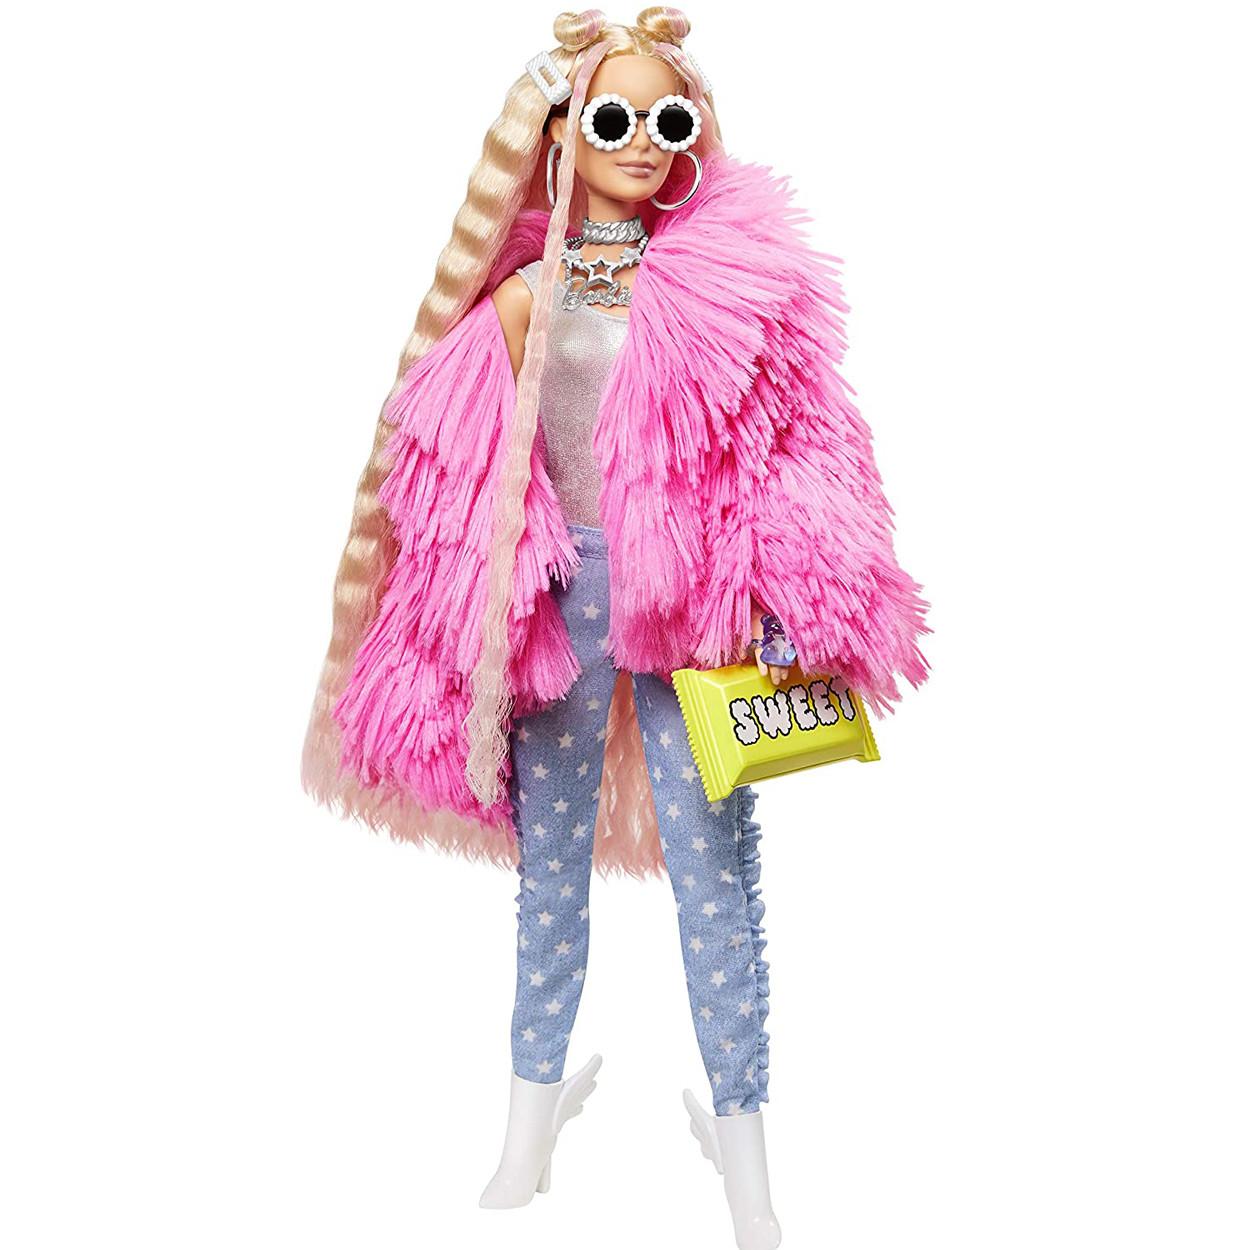 Колекційна лялька Барбі Діа Де Муэртос День Мертвих Barbie Dia De Muertos